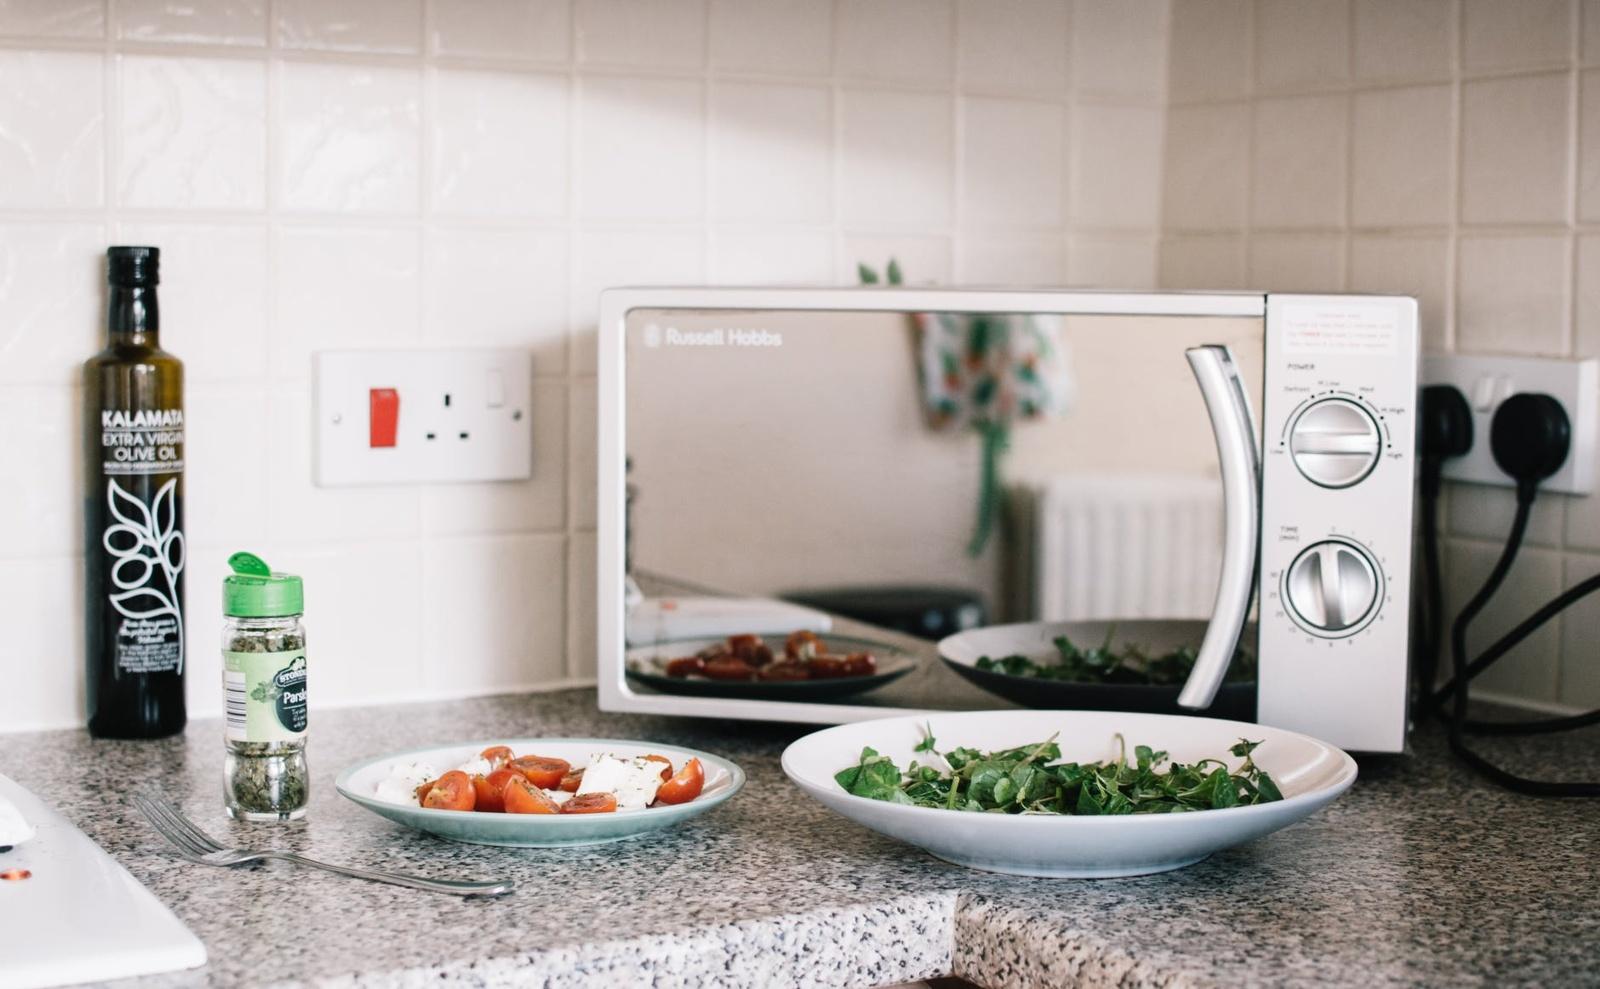 Kokių 8 maisto produktų negalima šildyti mikrobangų krosnelėje?